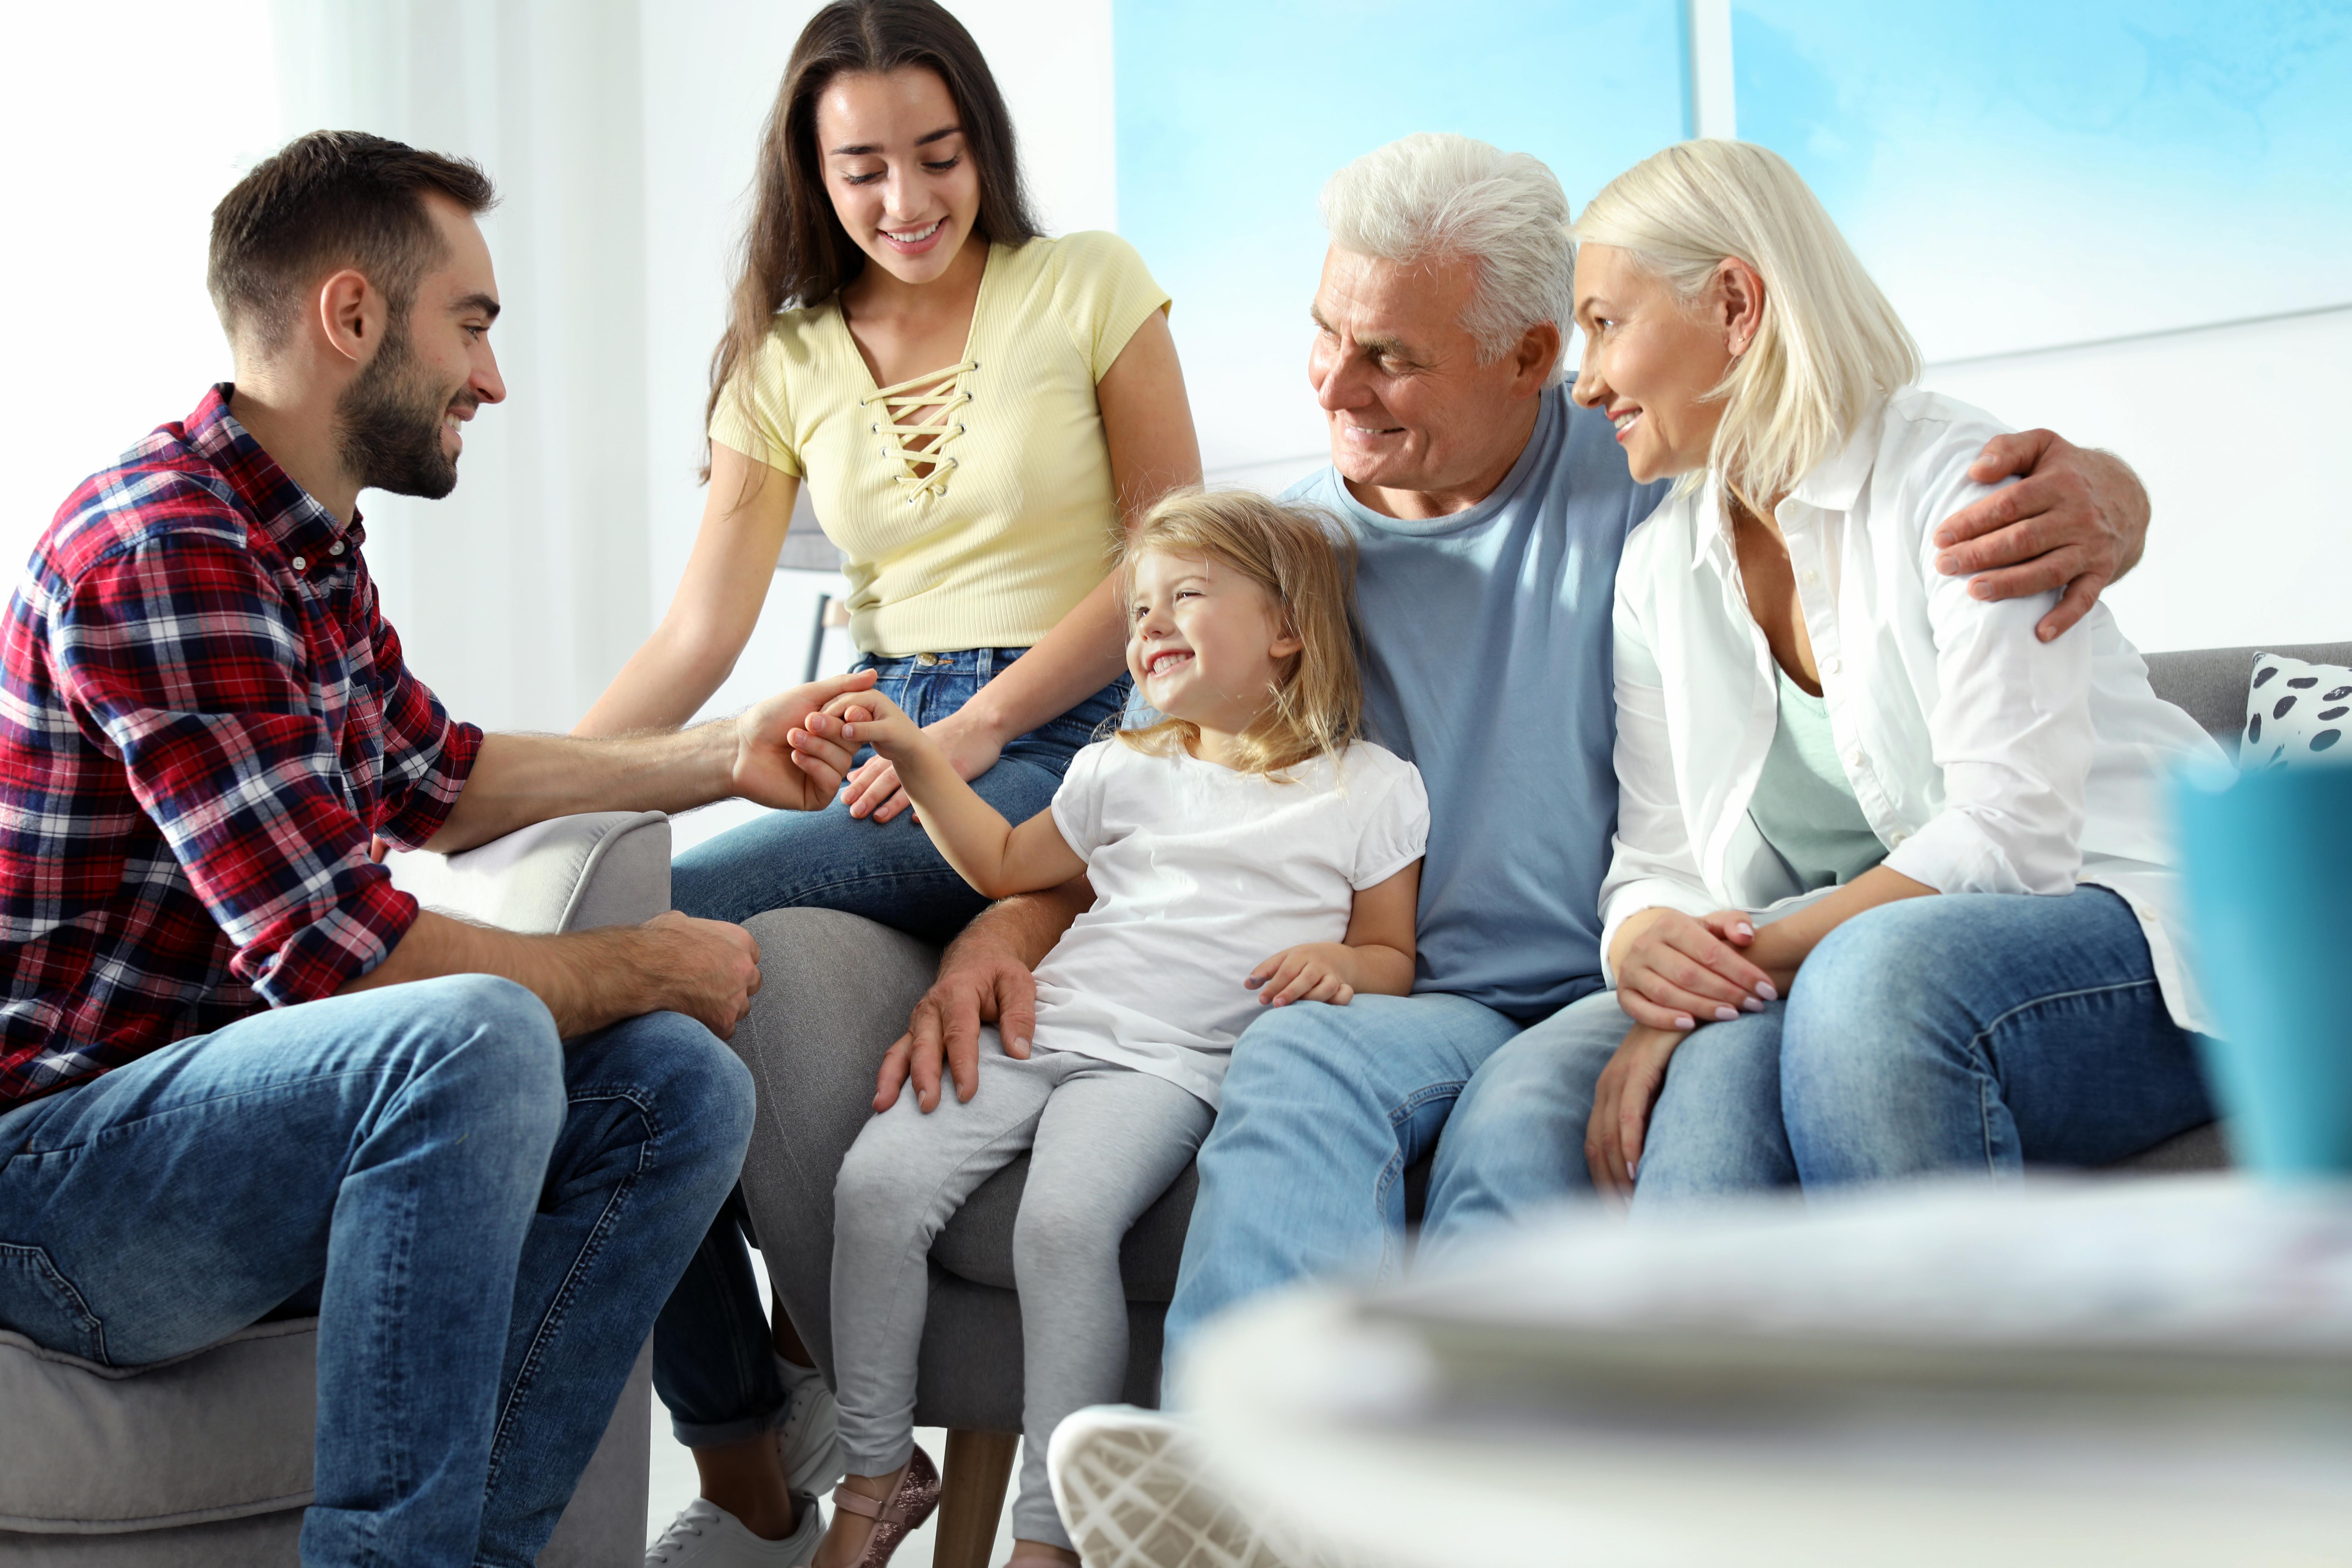 Воссоединение семьи как способ получить ВНЖ Франции